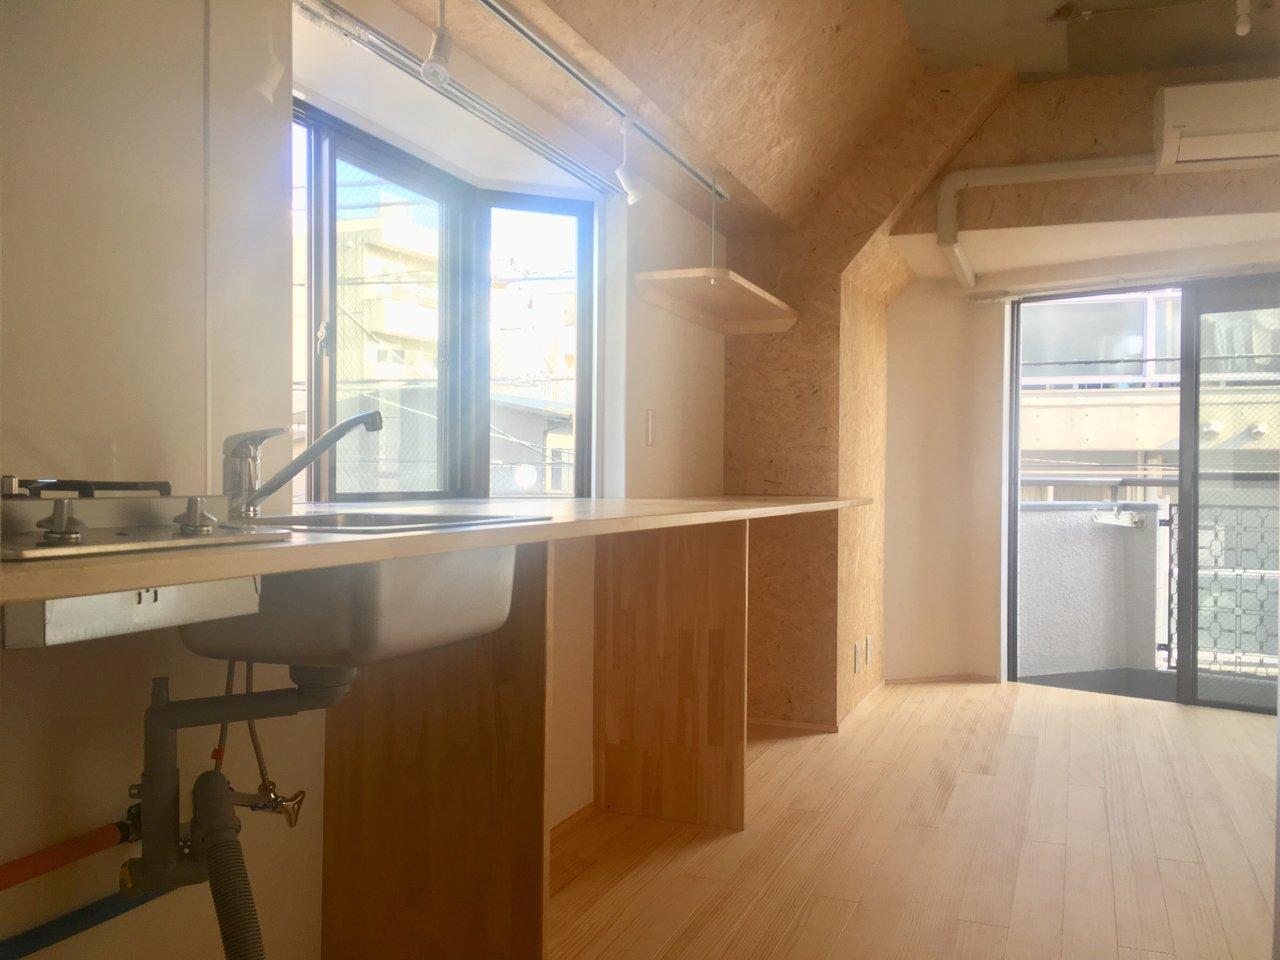 いい感じの出窓を活かして、壁側にながーいカウンターを設置!こういうの、好きなんですよね。